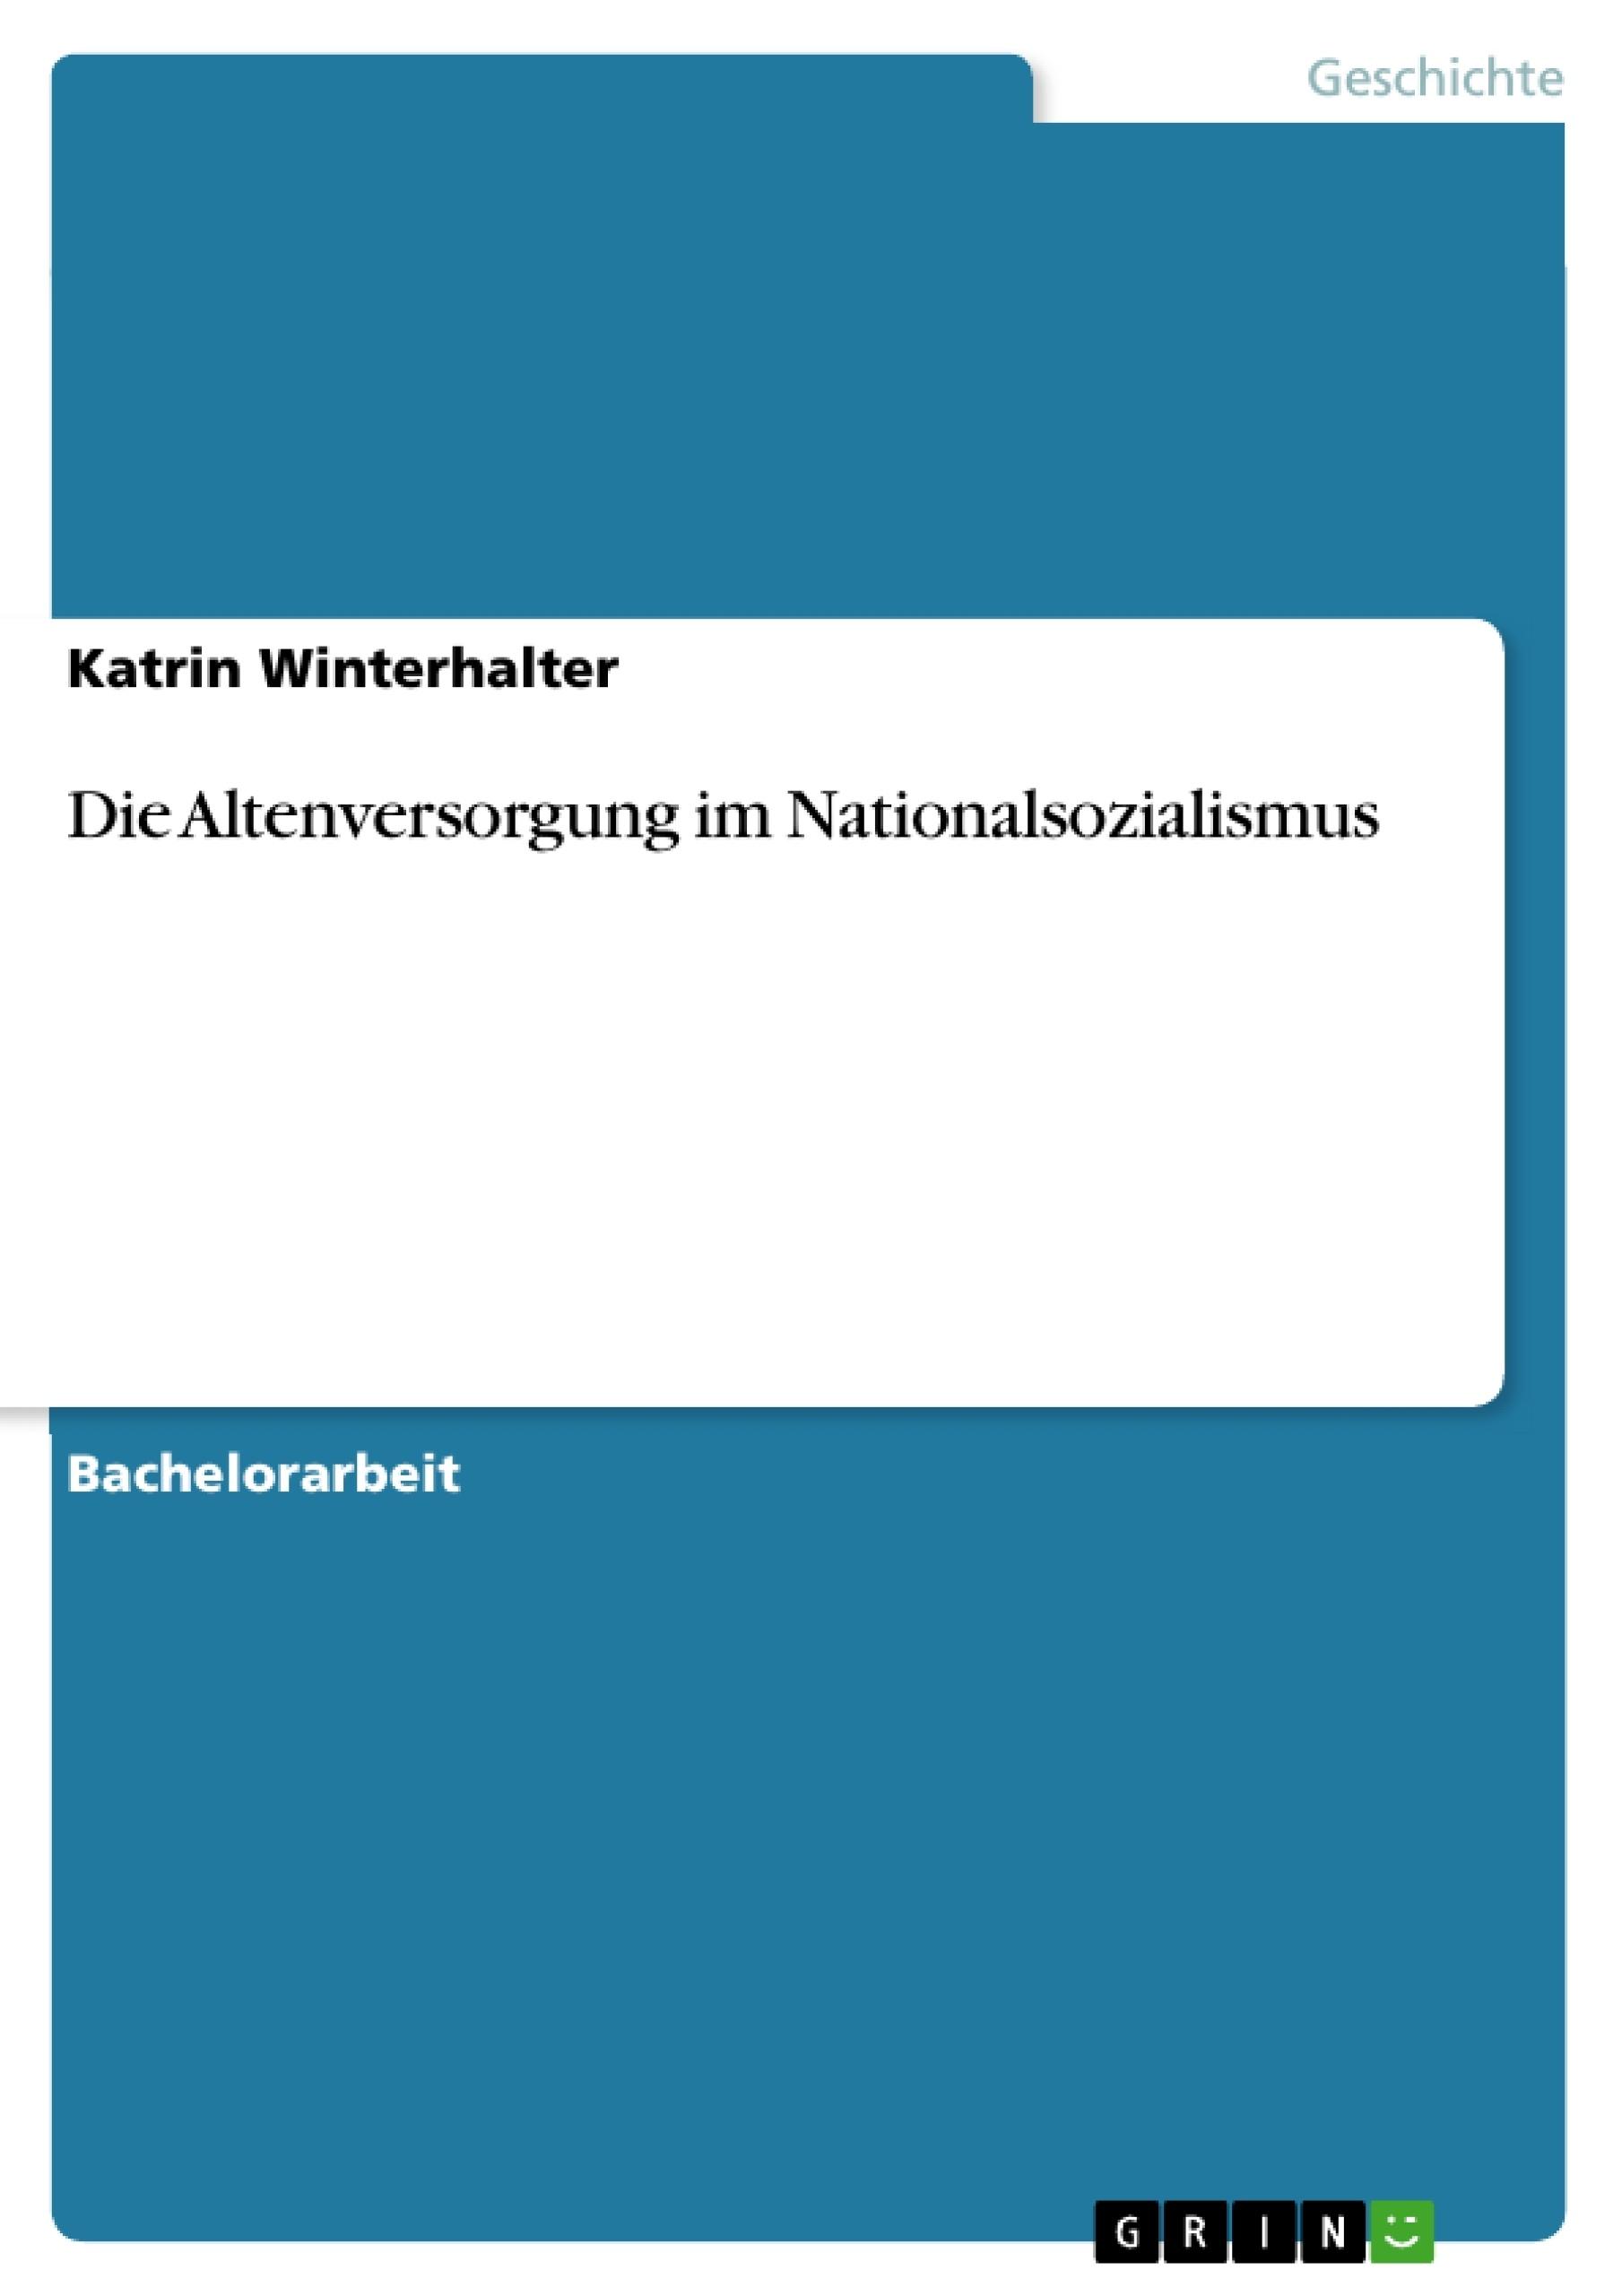 Titel: Die Altenversorgung im Nationalsozialismus